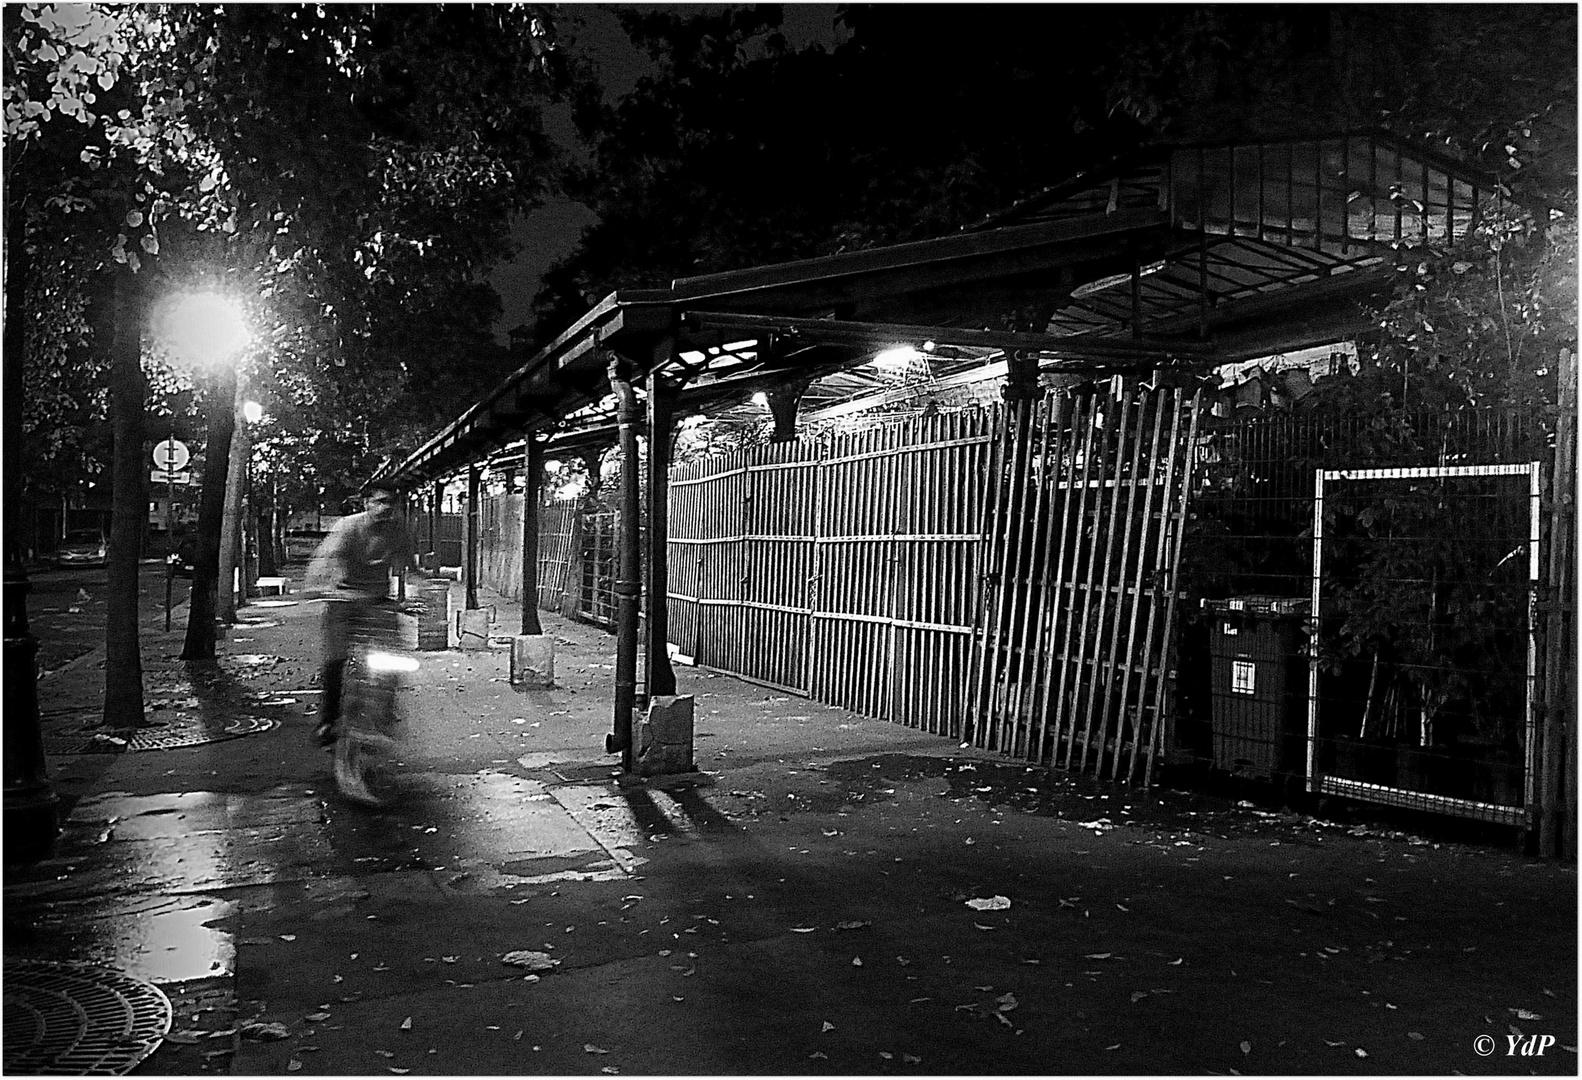 Traversée nocturne de l'Ile de la Cité....